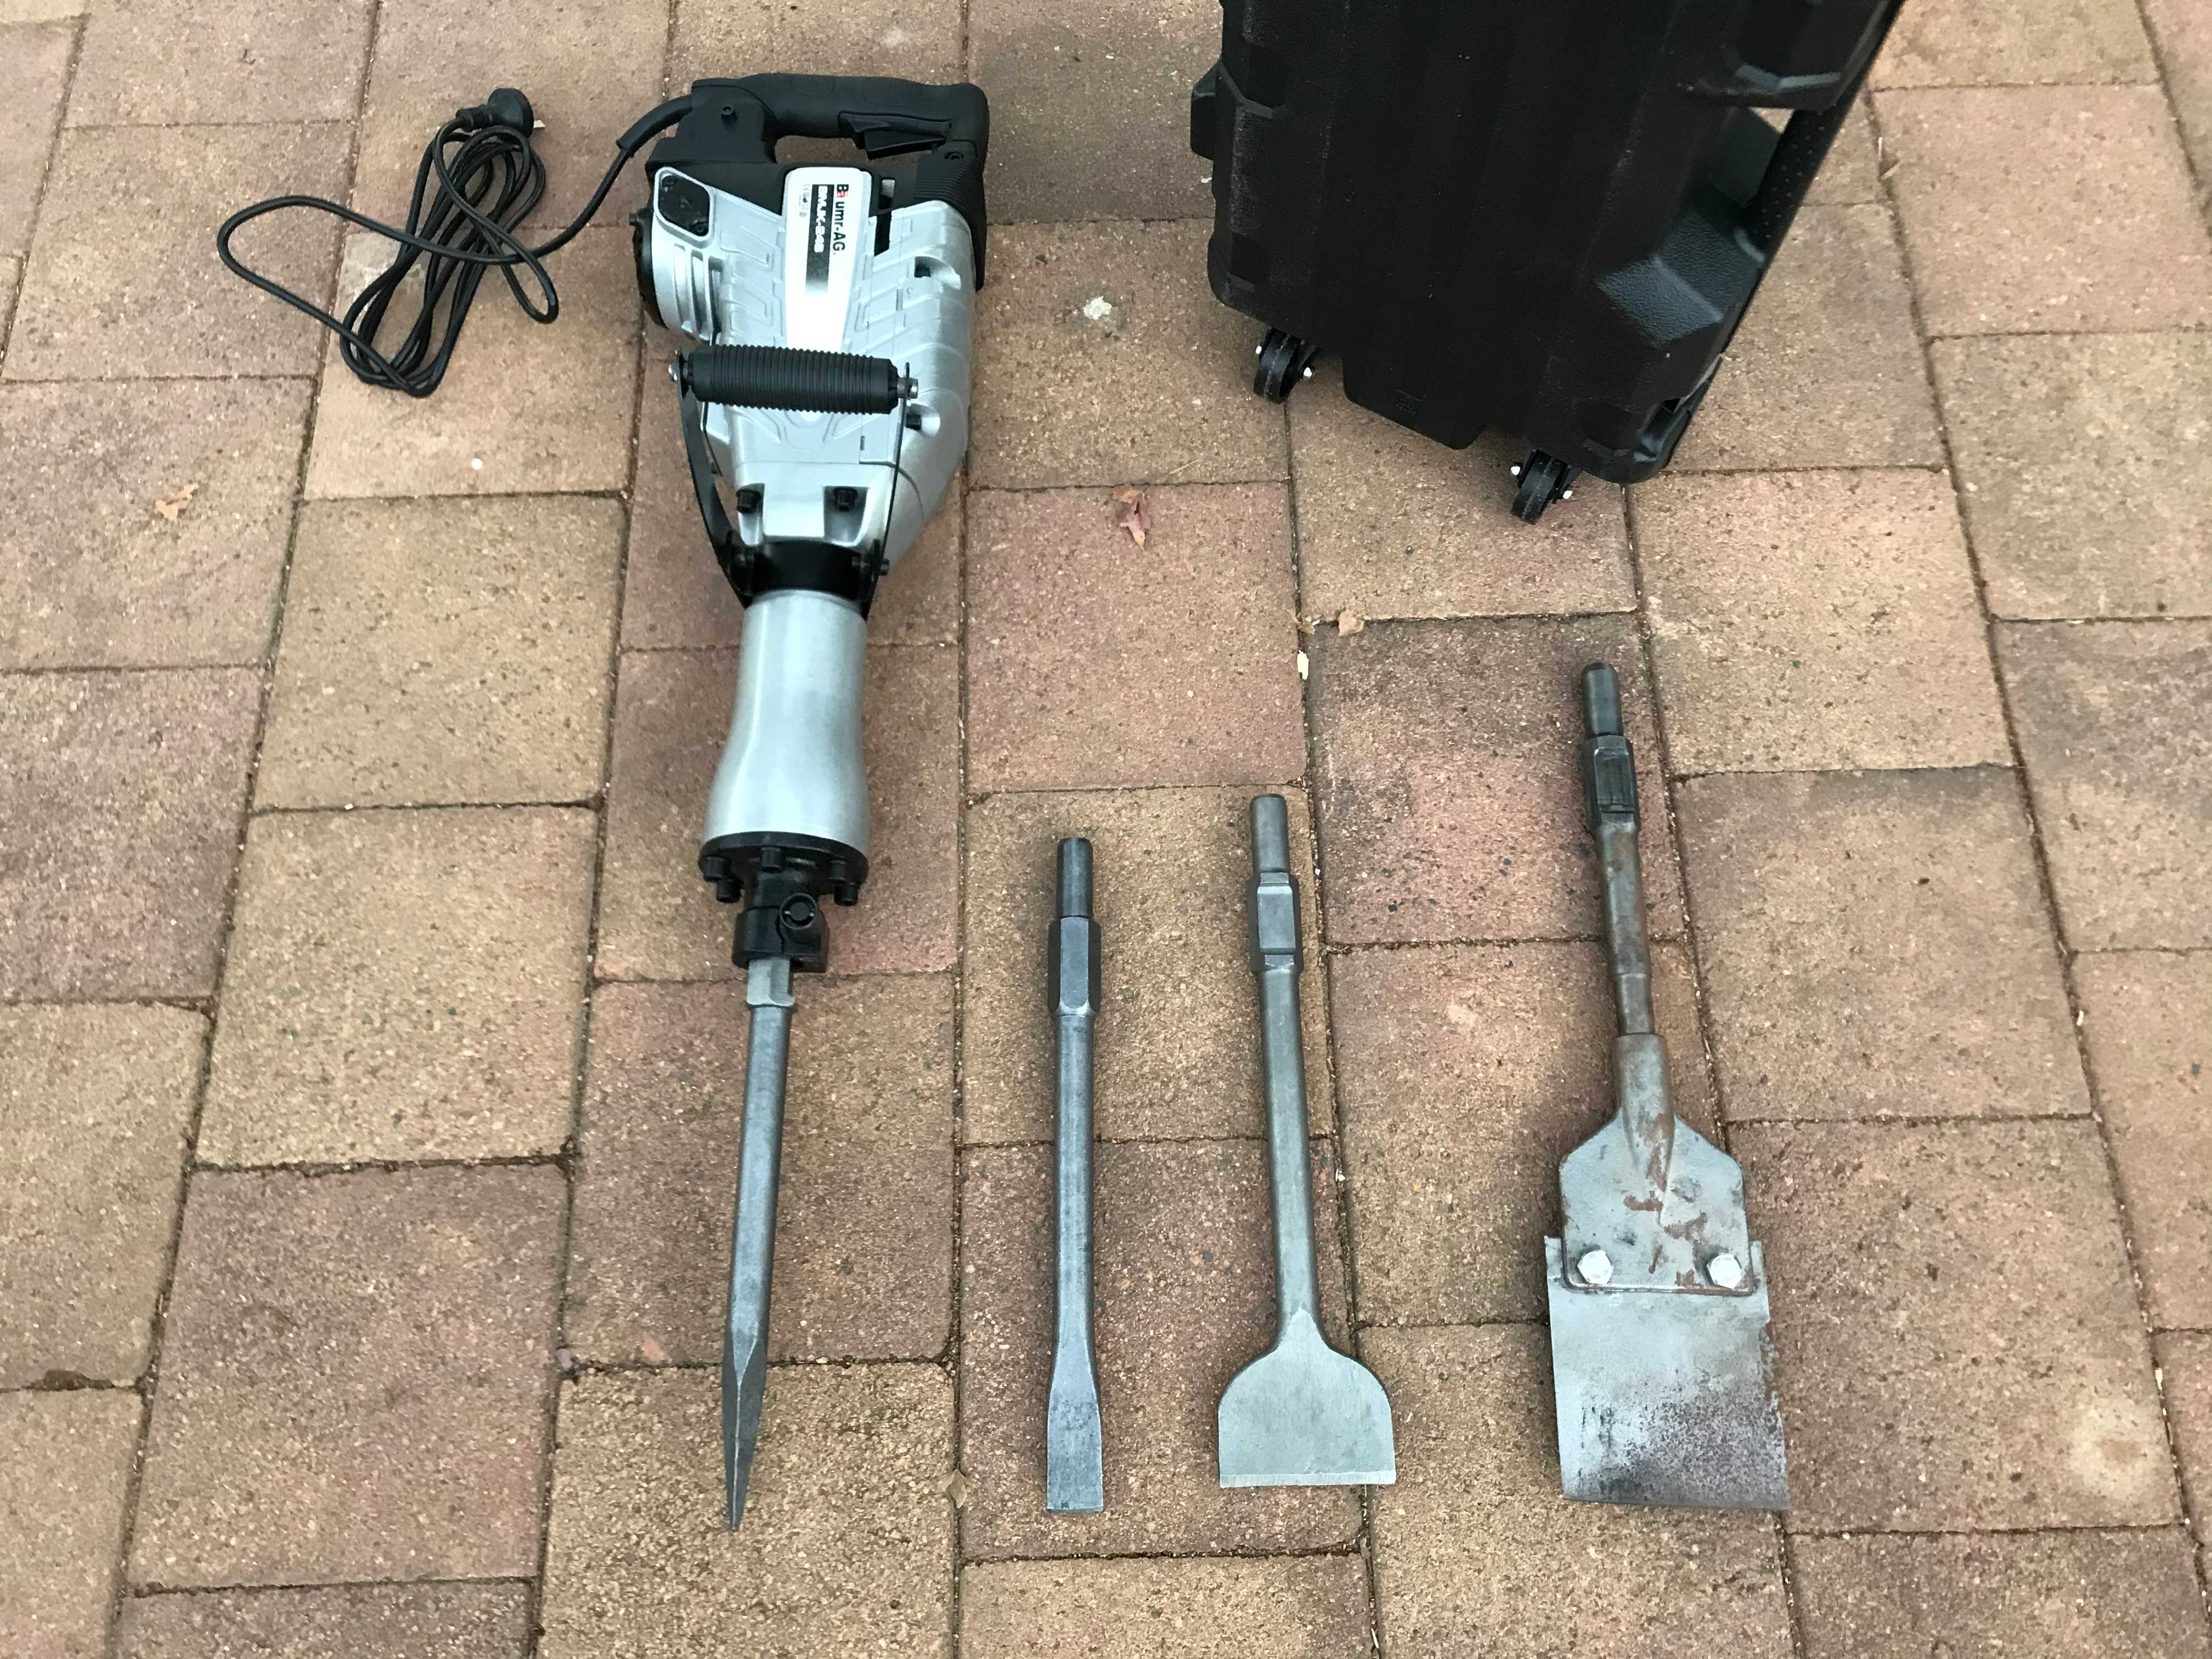 Demolition Jack Hammer for Hire / Rent $45/day